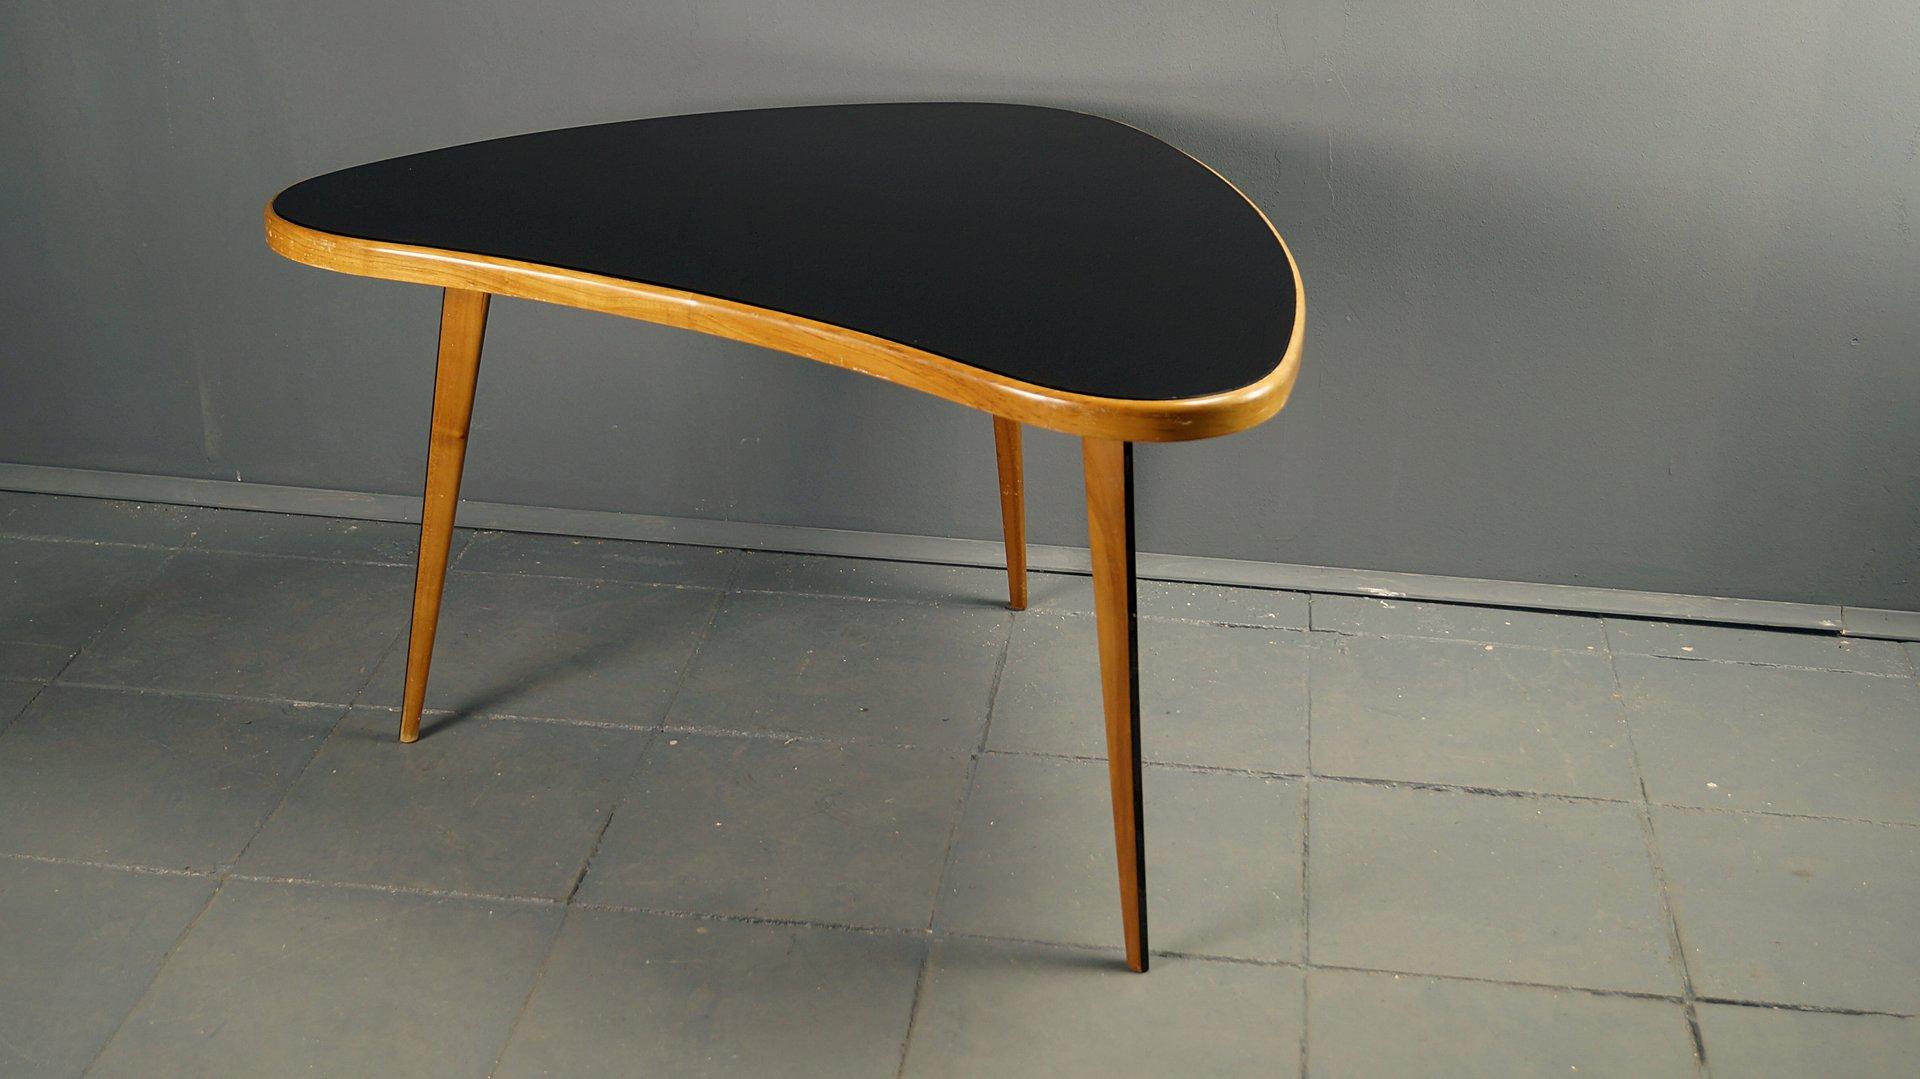 couchtisch mit schwarzer glas tischplatte 1950er bei pamono kaufen. Black Bedroom Furniture Sets. Home Design Ideas